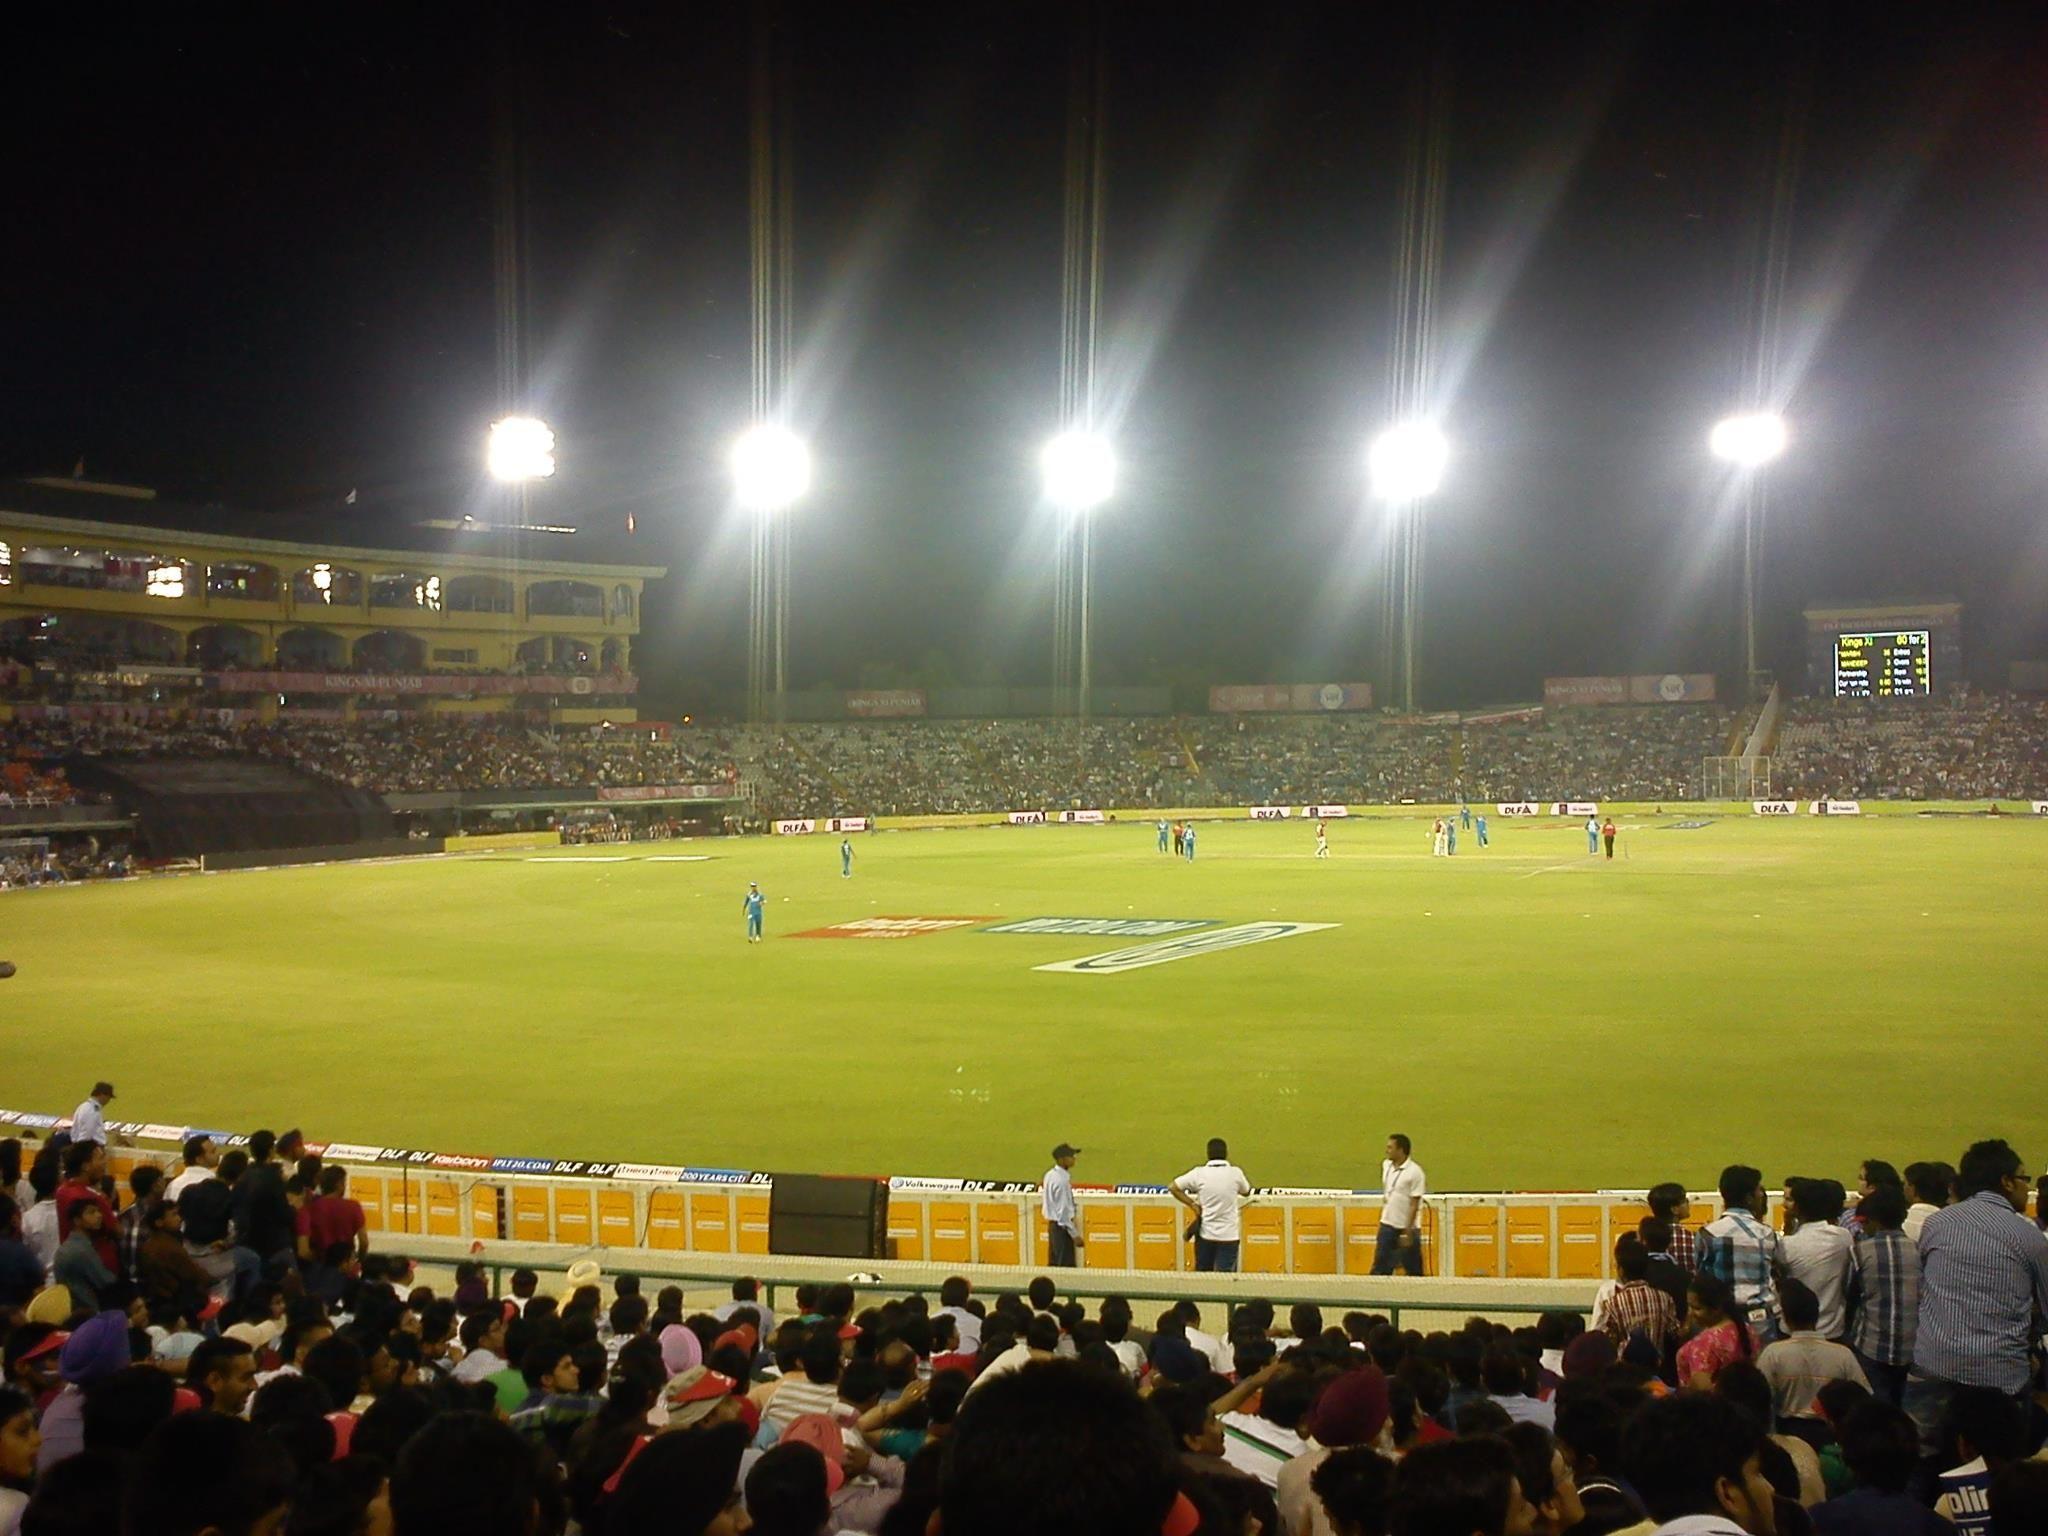 LiL bit Cricket